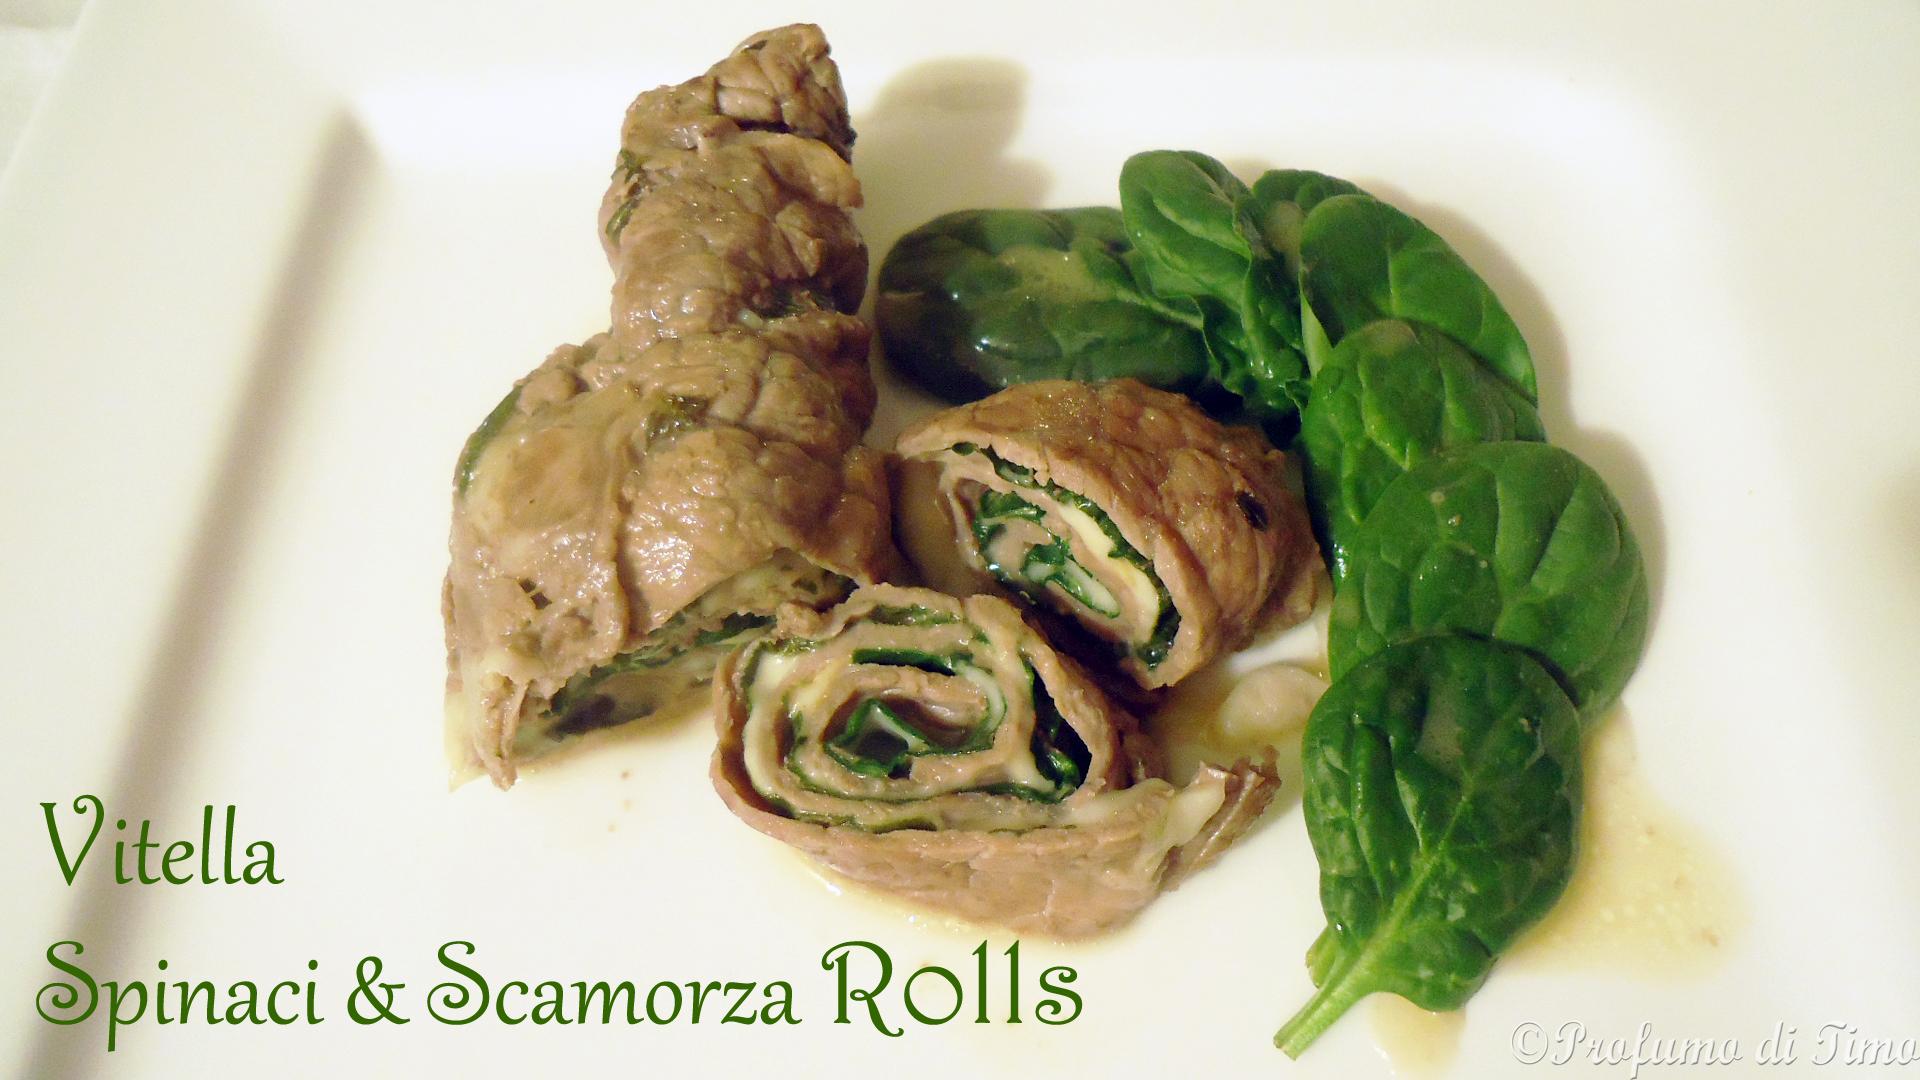 Vitella, Spinaci & Scamorza Rolls